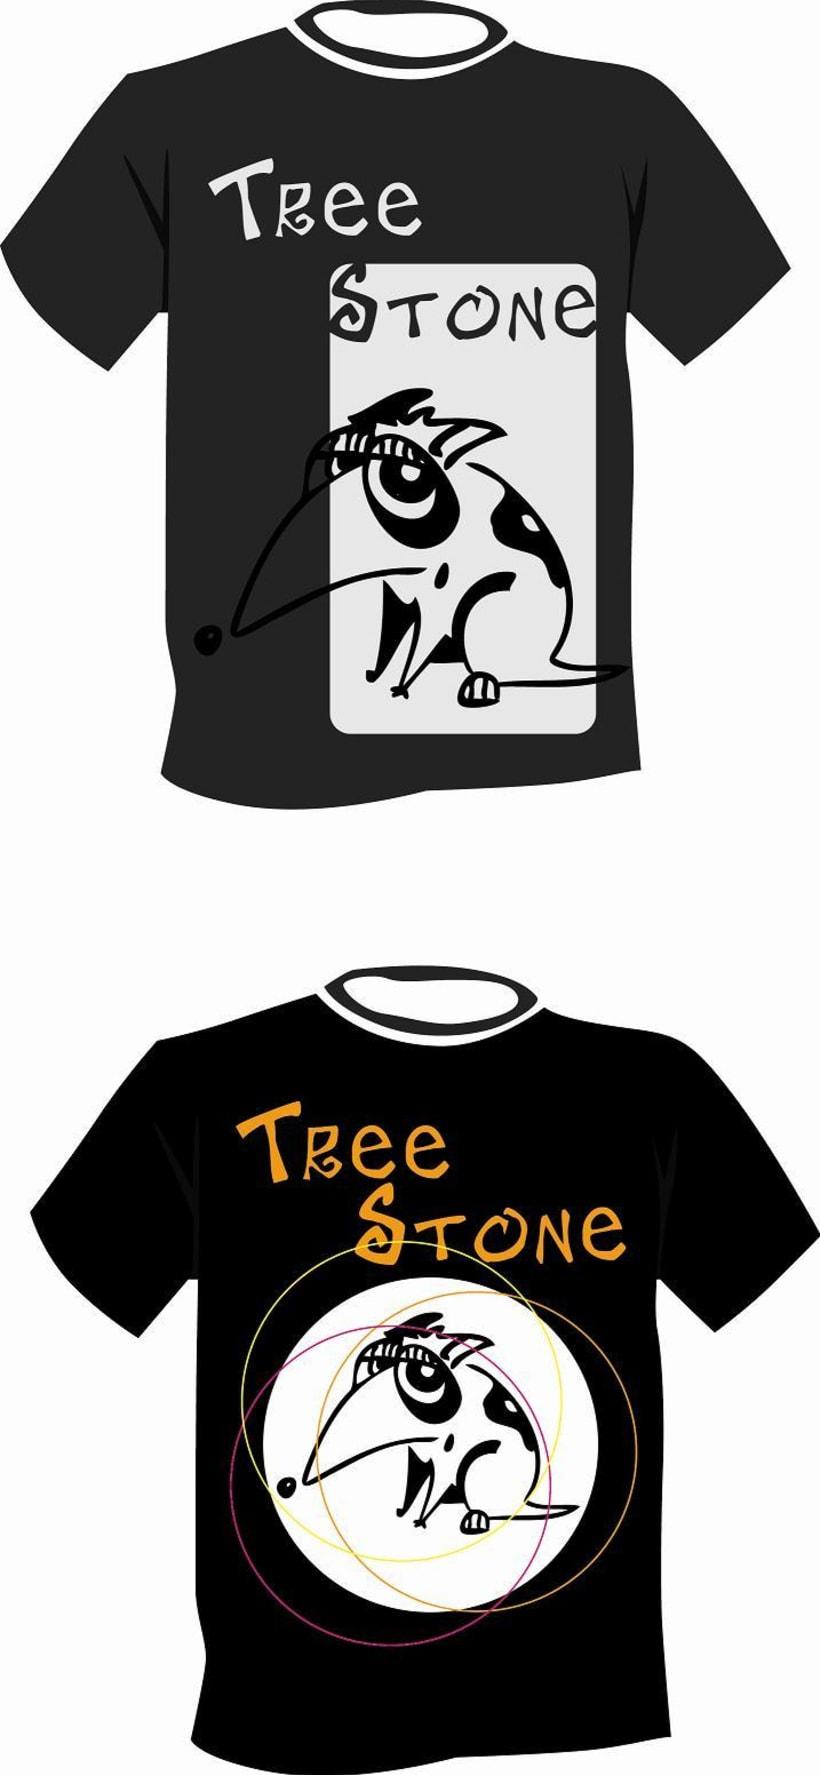 Camisetas freestyle! 2